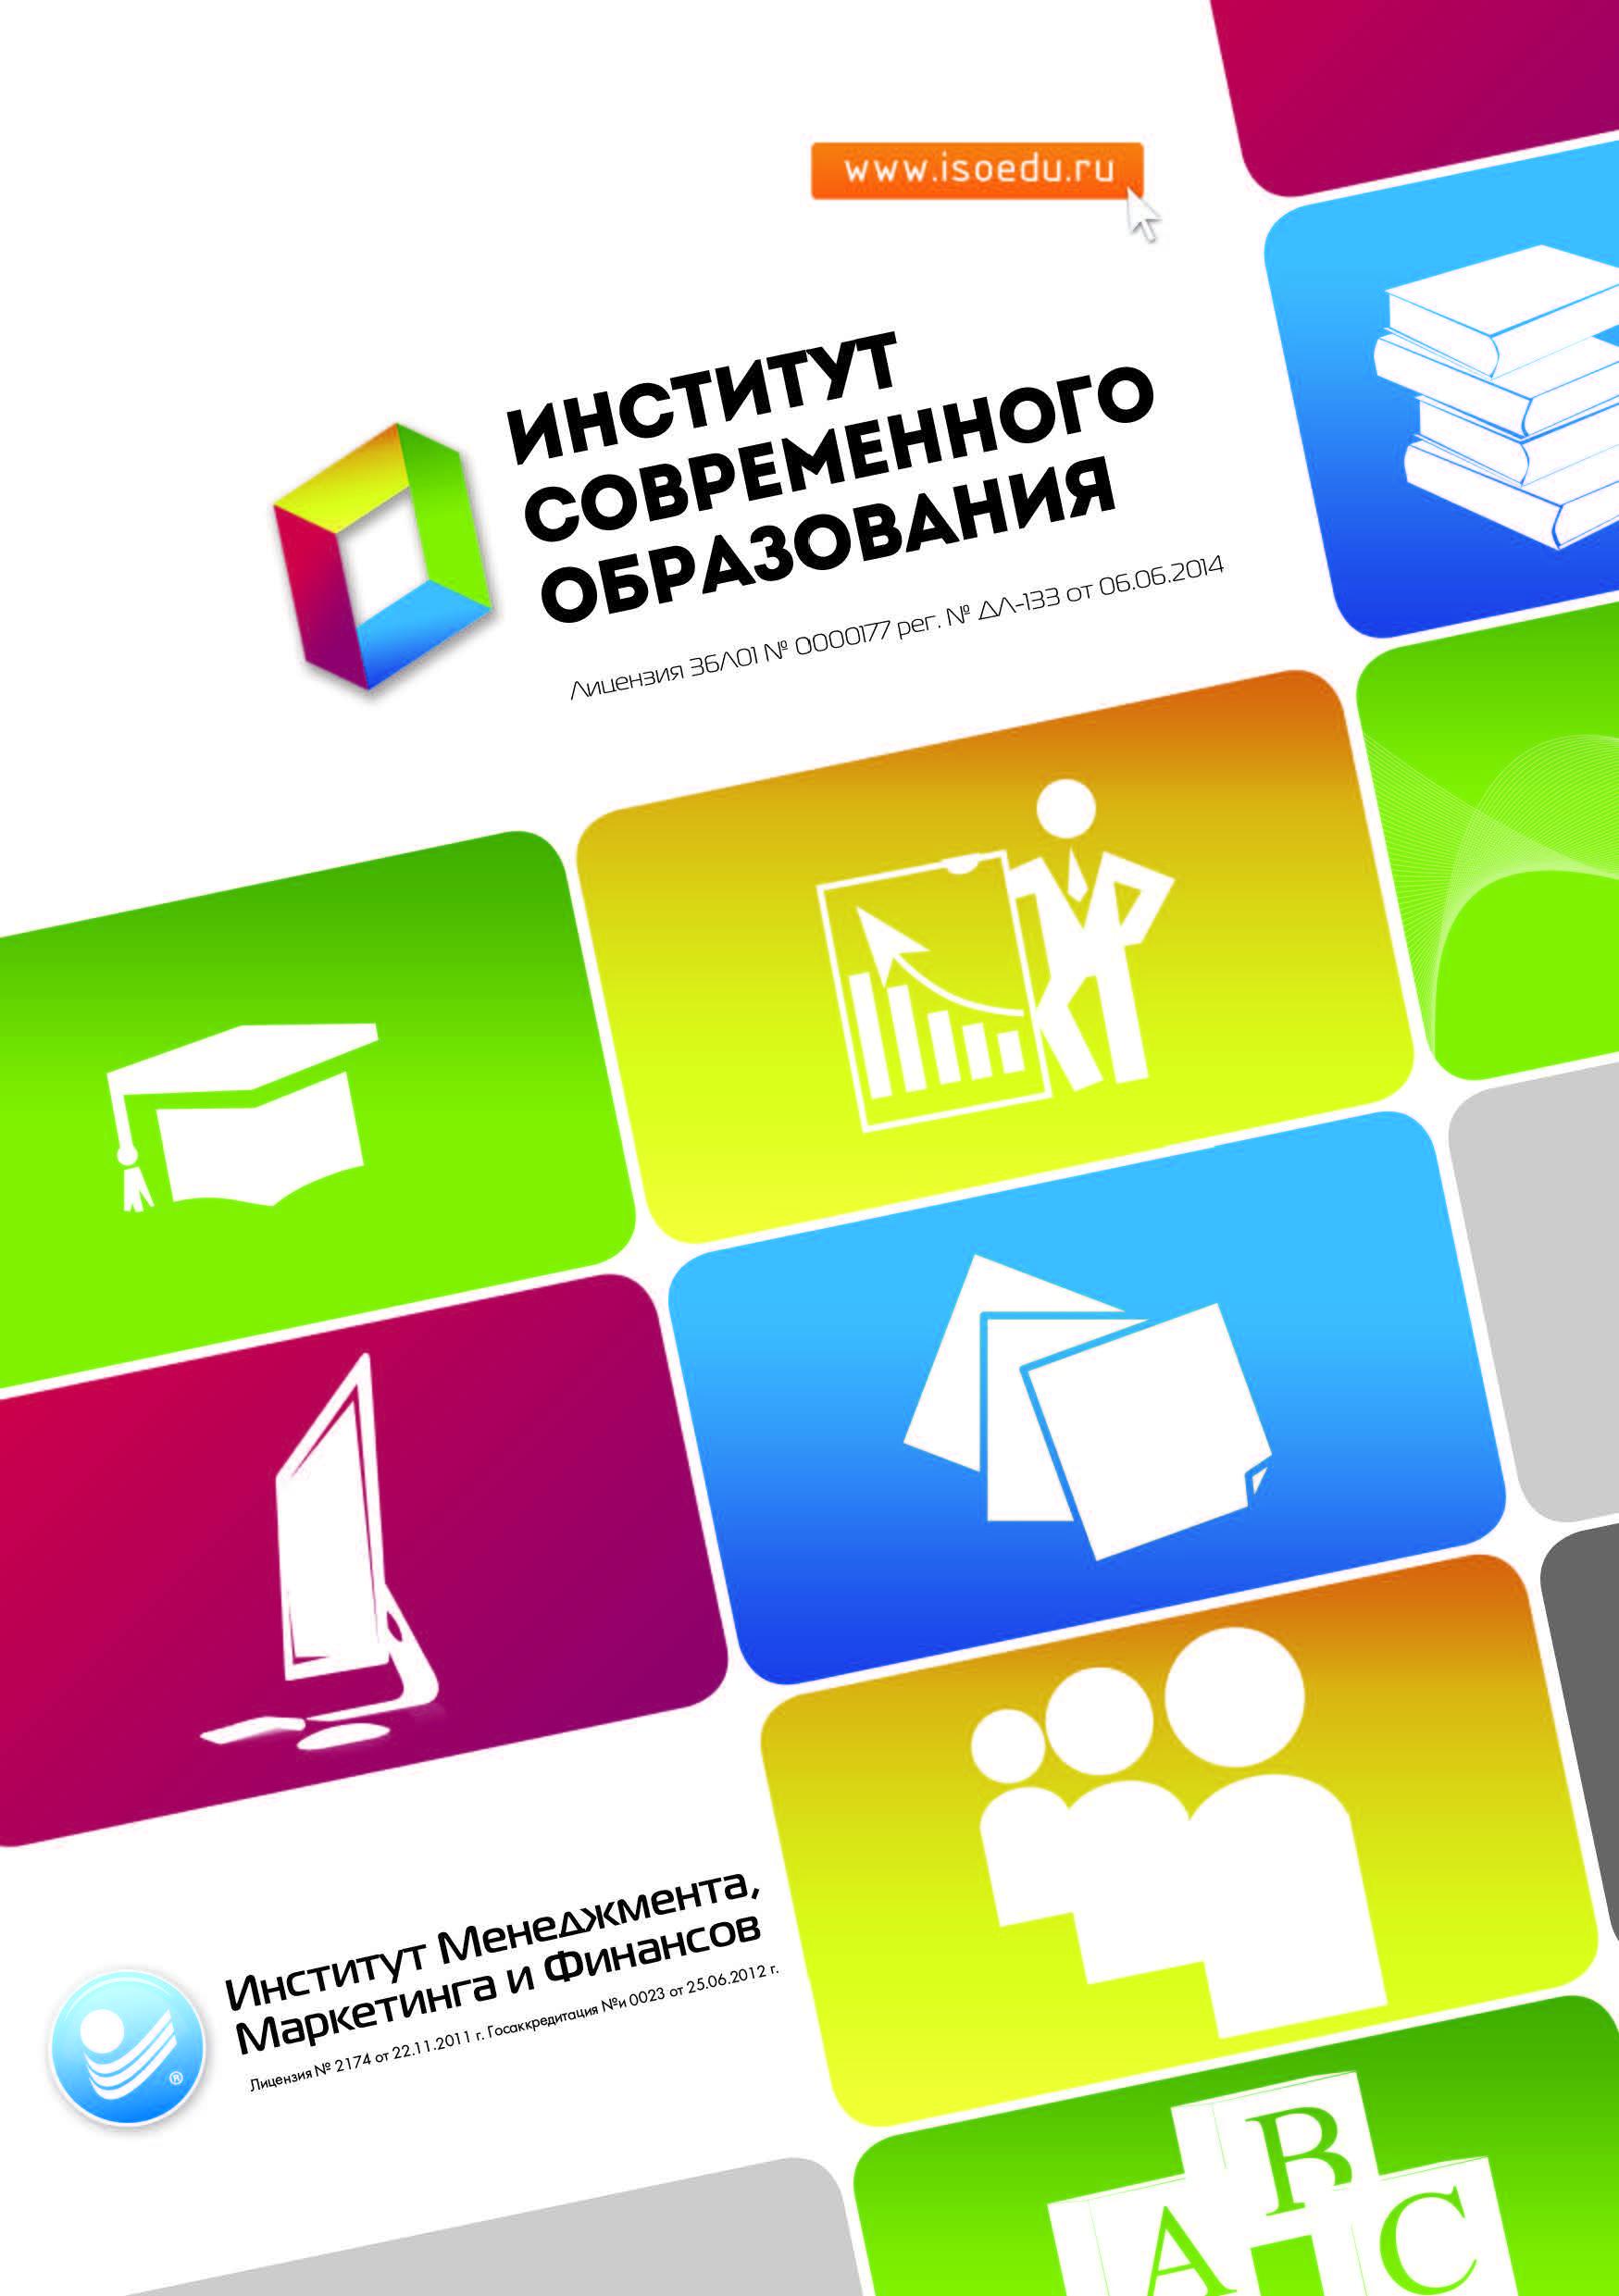 ИСО - Институт Современного Образования